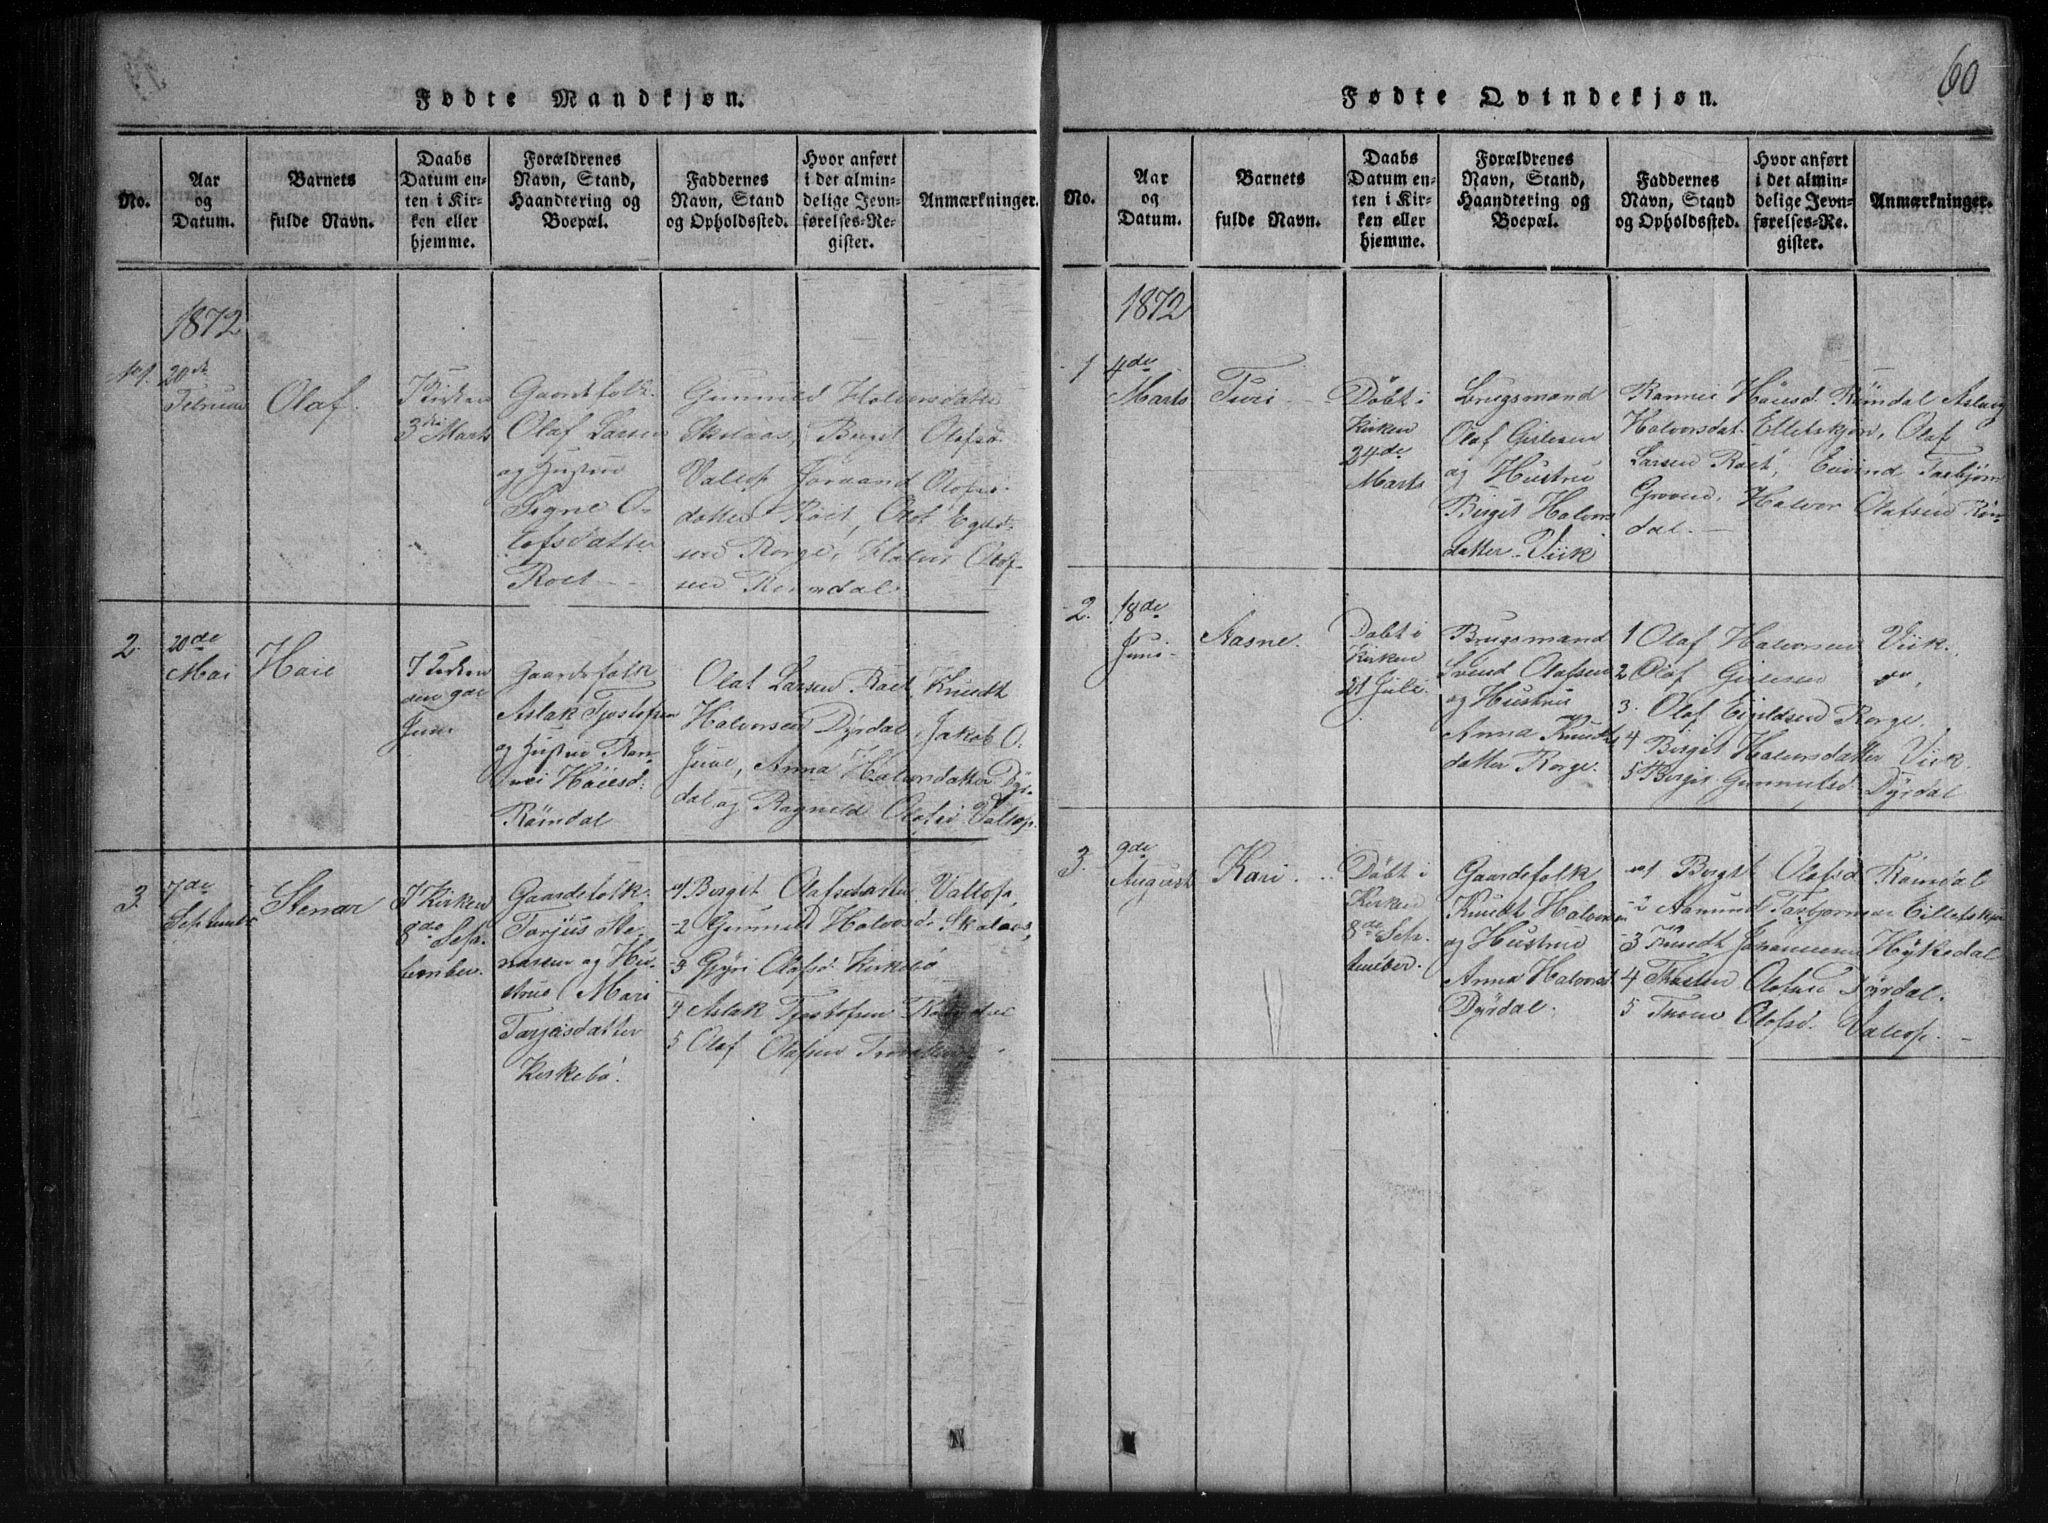 SAKO, Rauland kirkebøker, G/Gb/L0001: Klokkerbok nr. II 1, 1815-1886, s. 60